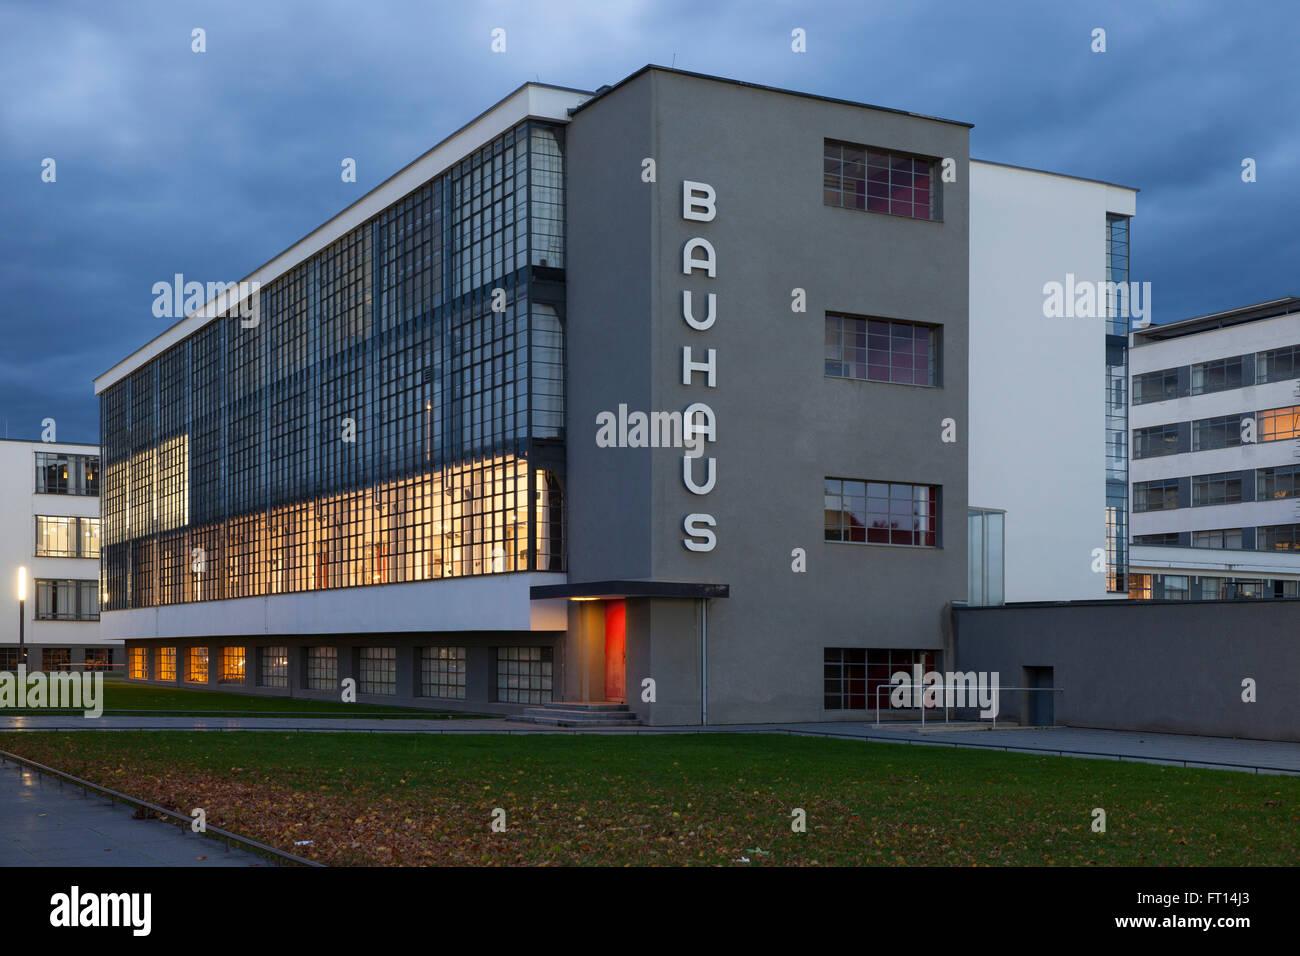 Bauhaus Dessau Dessau Rosslau Saxony Anhalt Germany Stock